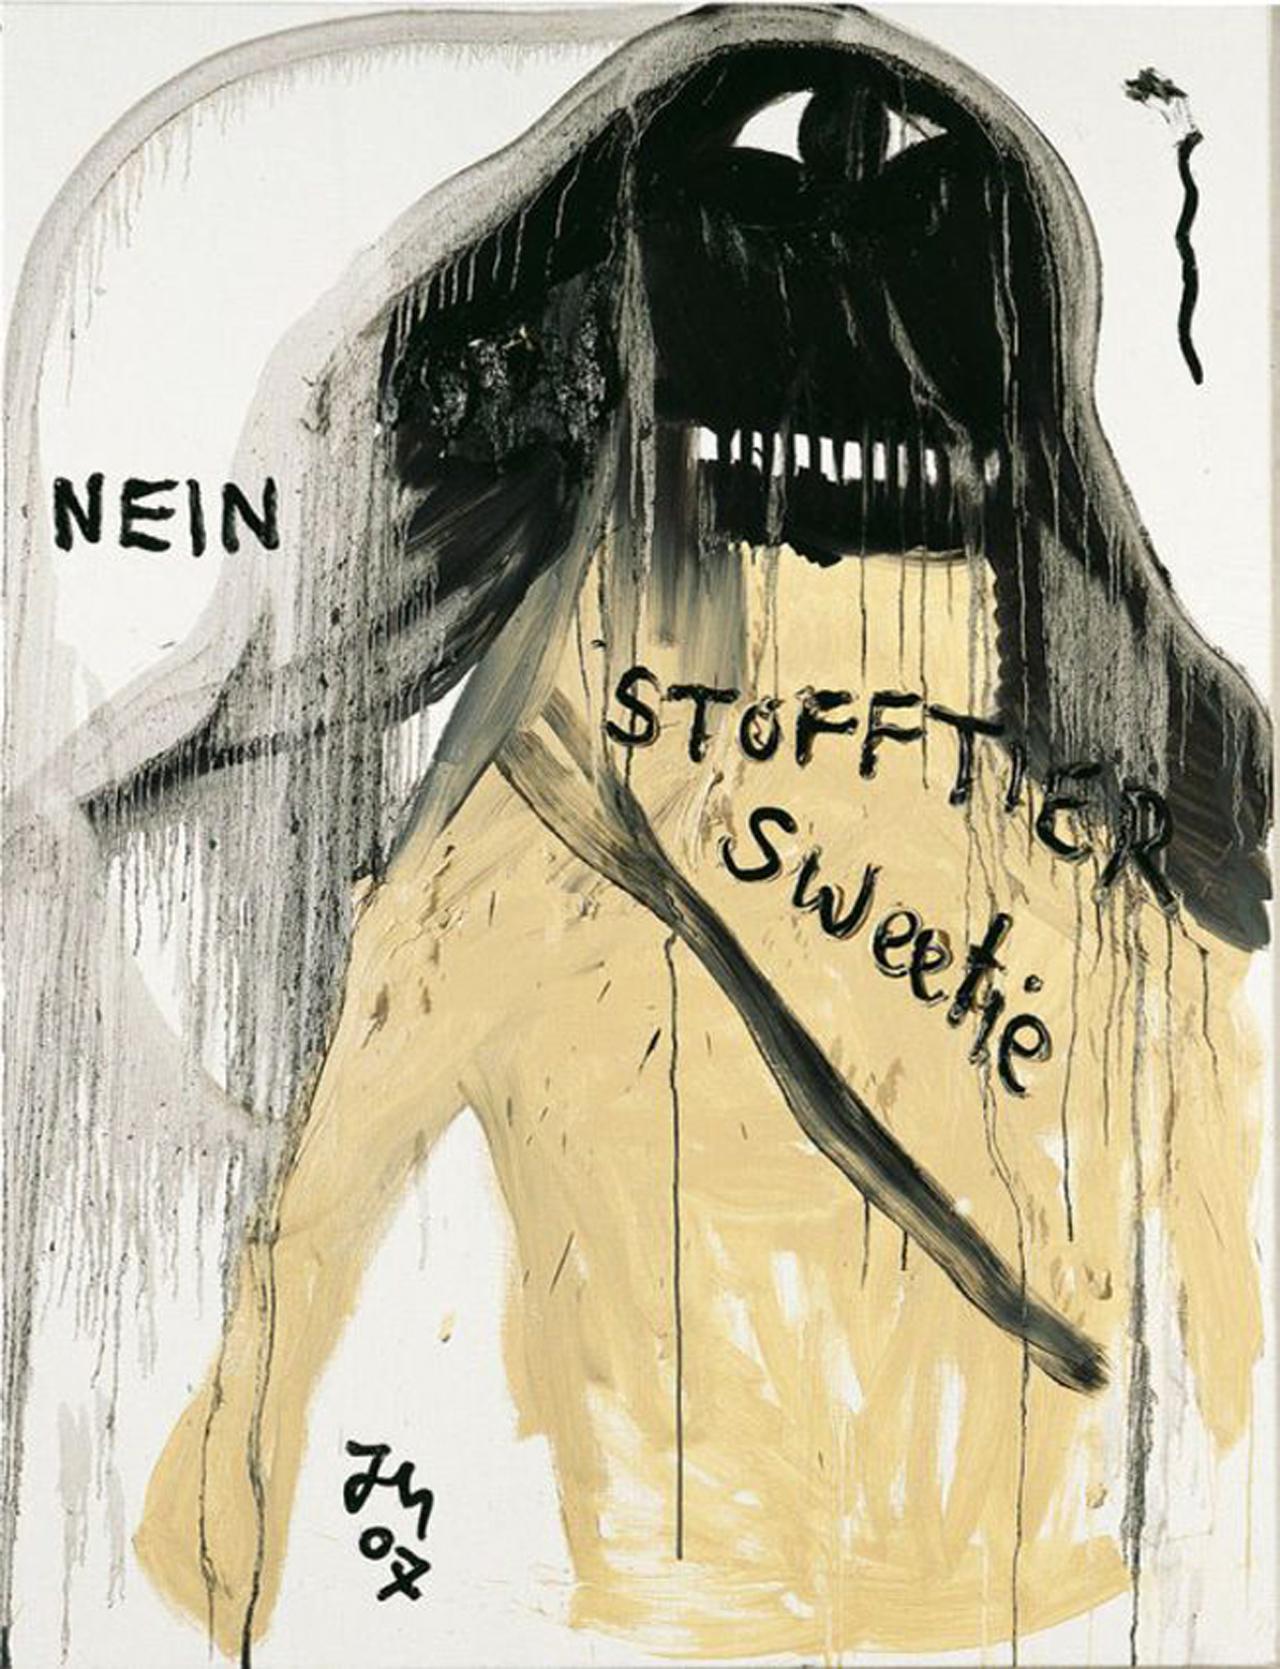 Jonathan Meese, Du bist süsser als Kupfer, 2007, Öl auf Leinwand, 170 x 130 cm